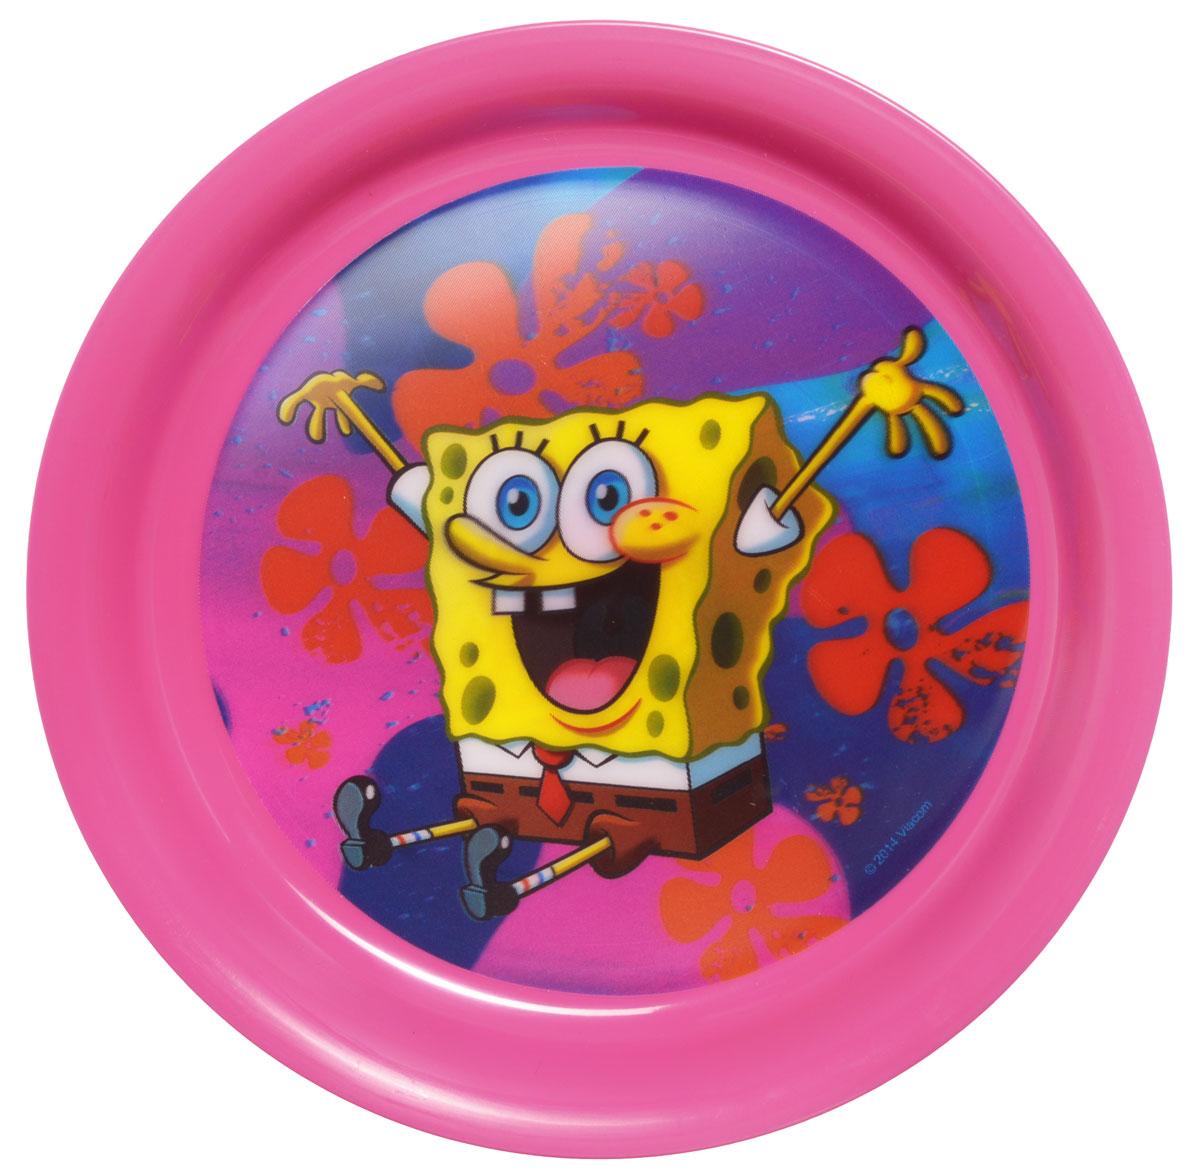 Губка Боб Тарелка детская 3D цвет розовый диаметр 19 смP190-01RЯркая тарелка Губка Боб с 3D рисунком идеально подойдет для кормления малыша и самостоятельного приема им пищи. Тарелка выполнена из безопасного полипропилена розового цвета, дно оформлено объемным изображением улыбающегося Губки Боба из одноименного мультсериала.Такой подарок станет не только приятным, но и практичным сувениром, добавит ярких эмоций вашему ребенку!Не предназначено для использования в СВЧ-печи и посудомоечной машине.